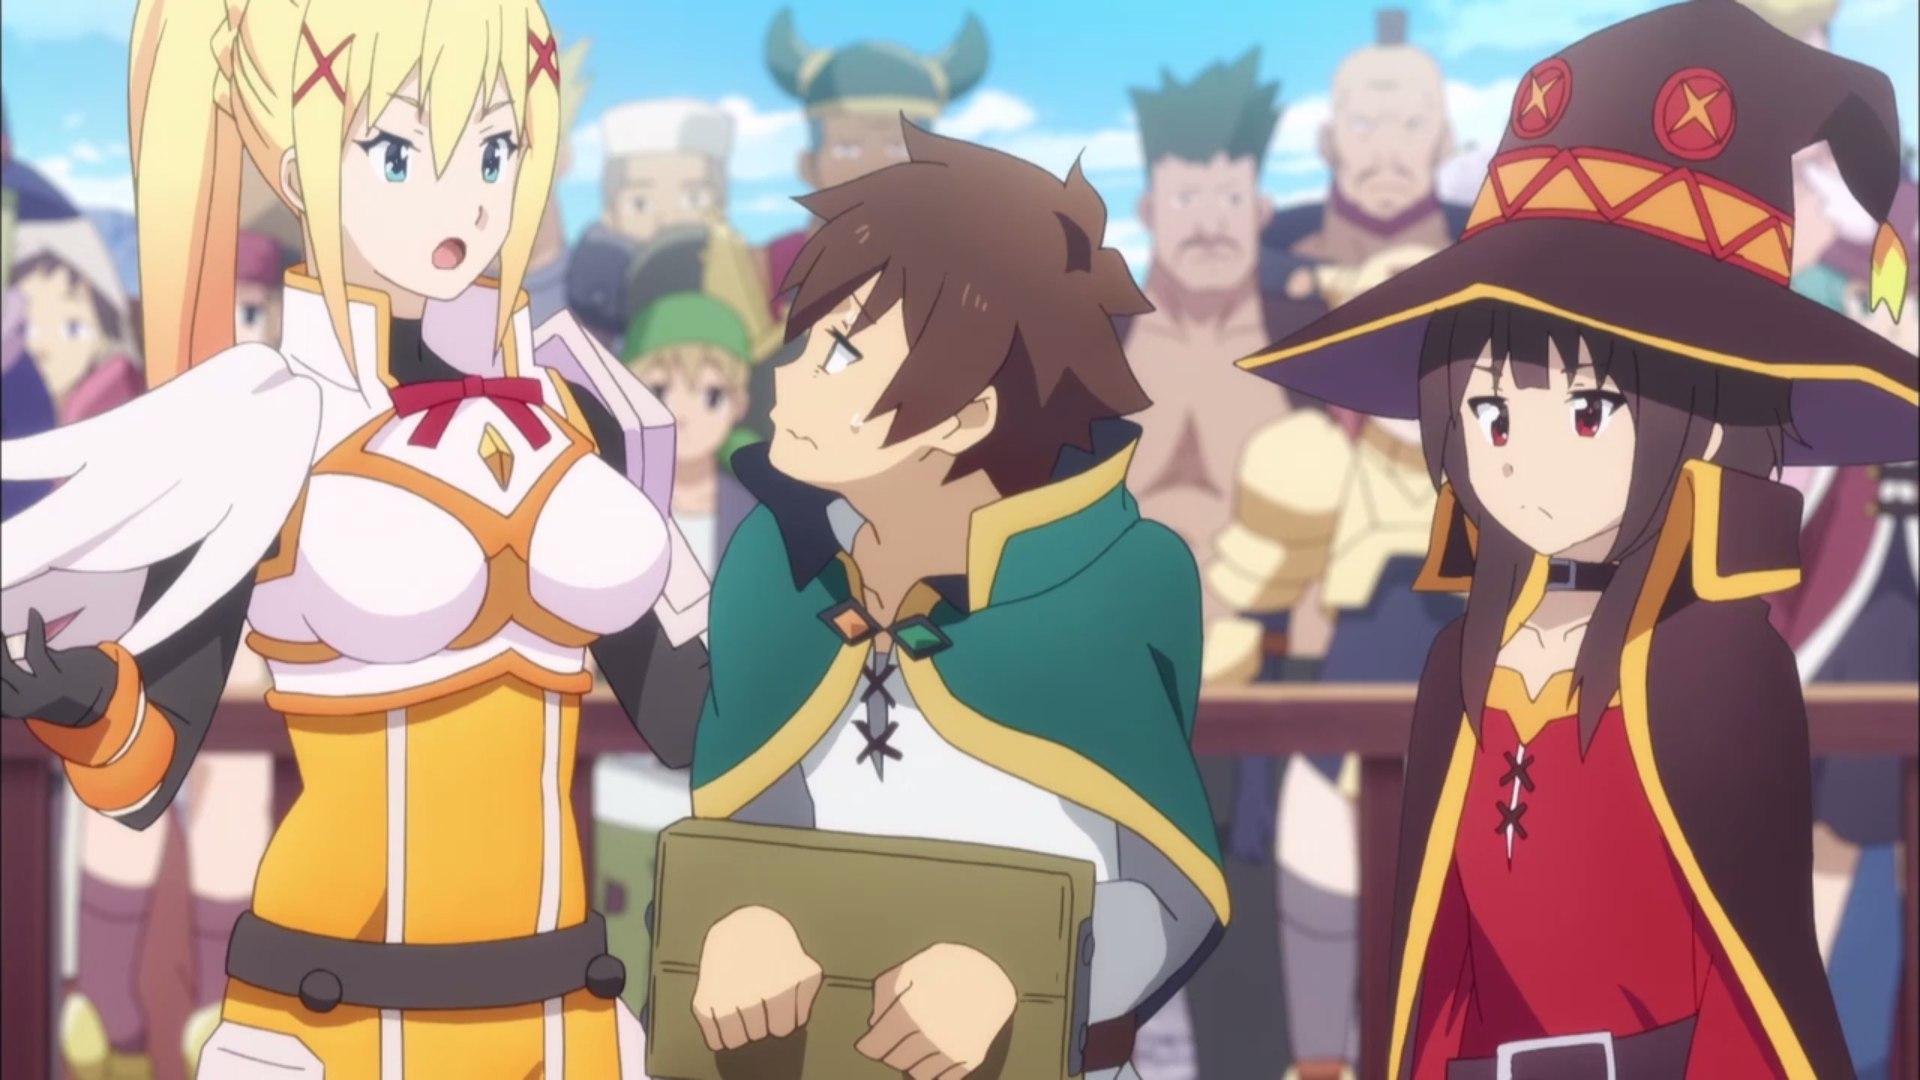 Смотреть Этот замечательный мир, 2 сезон / Kono Subarashii Sekai ni Shukufuku wo 2 season